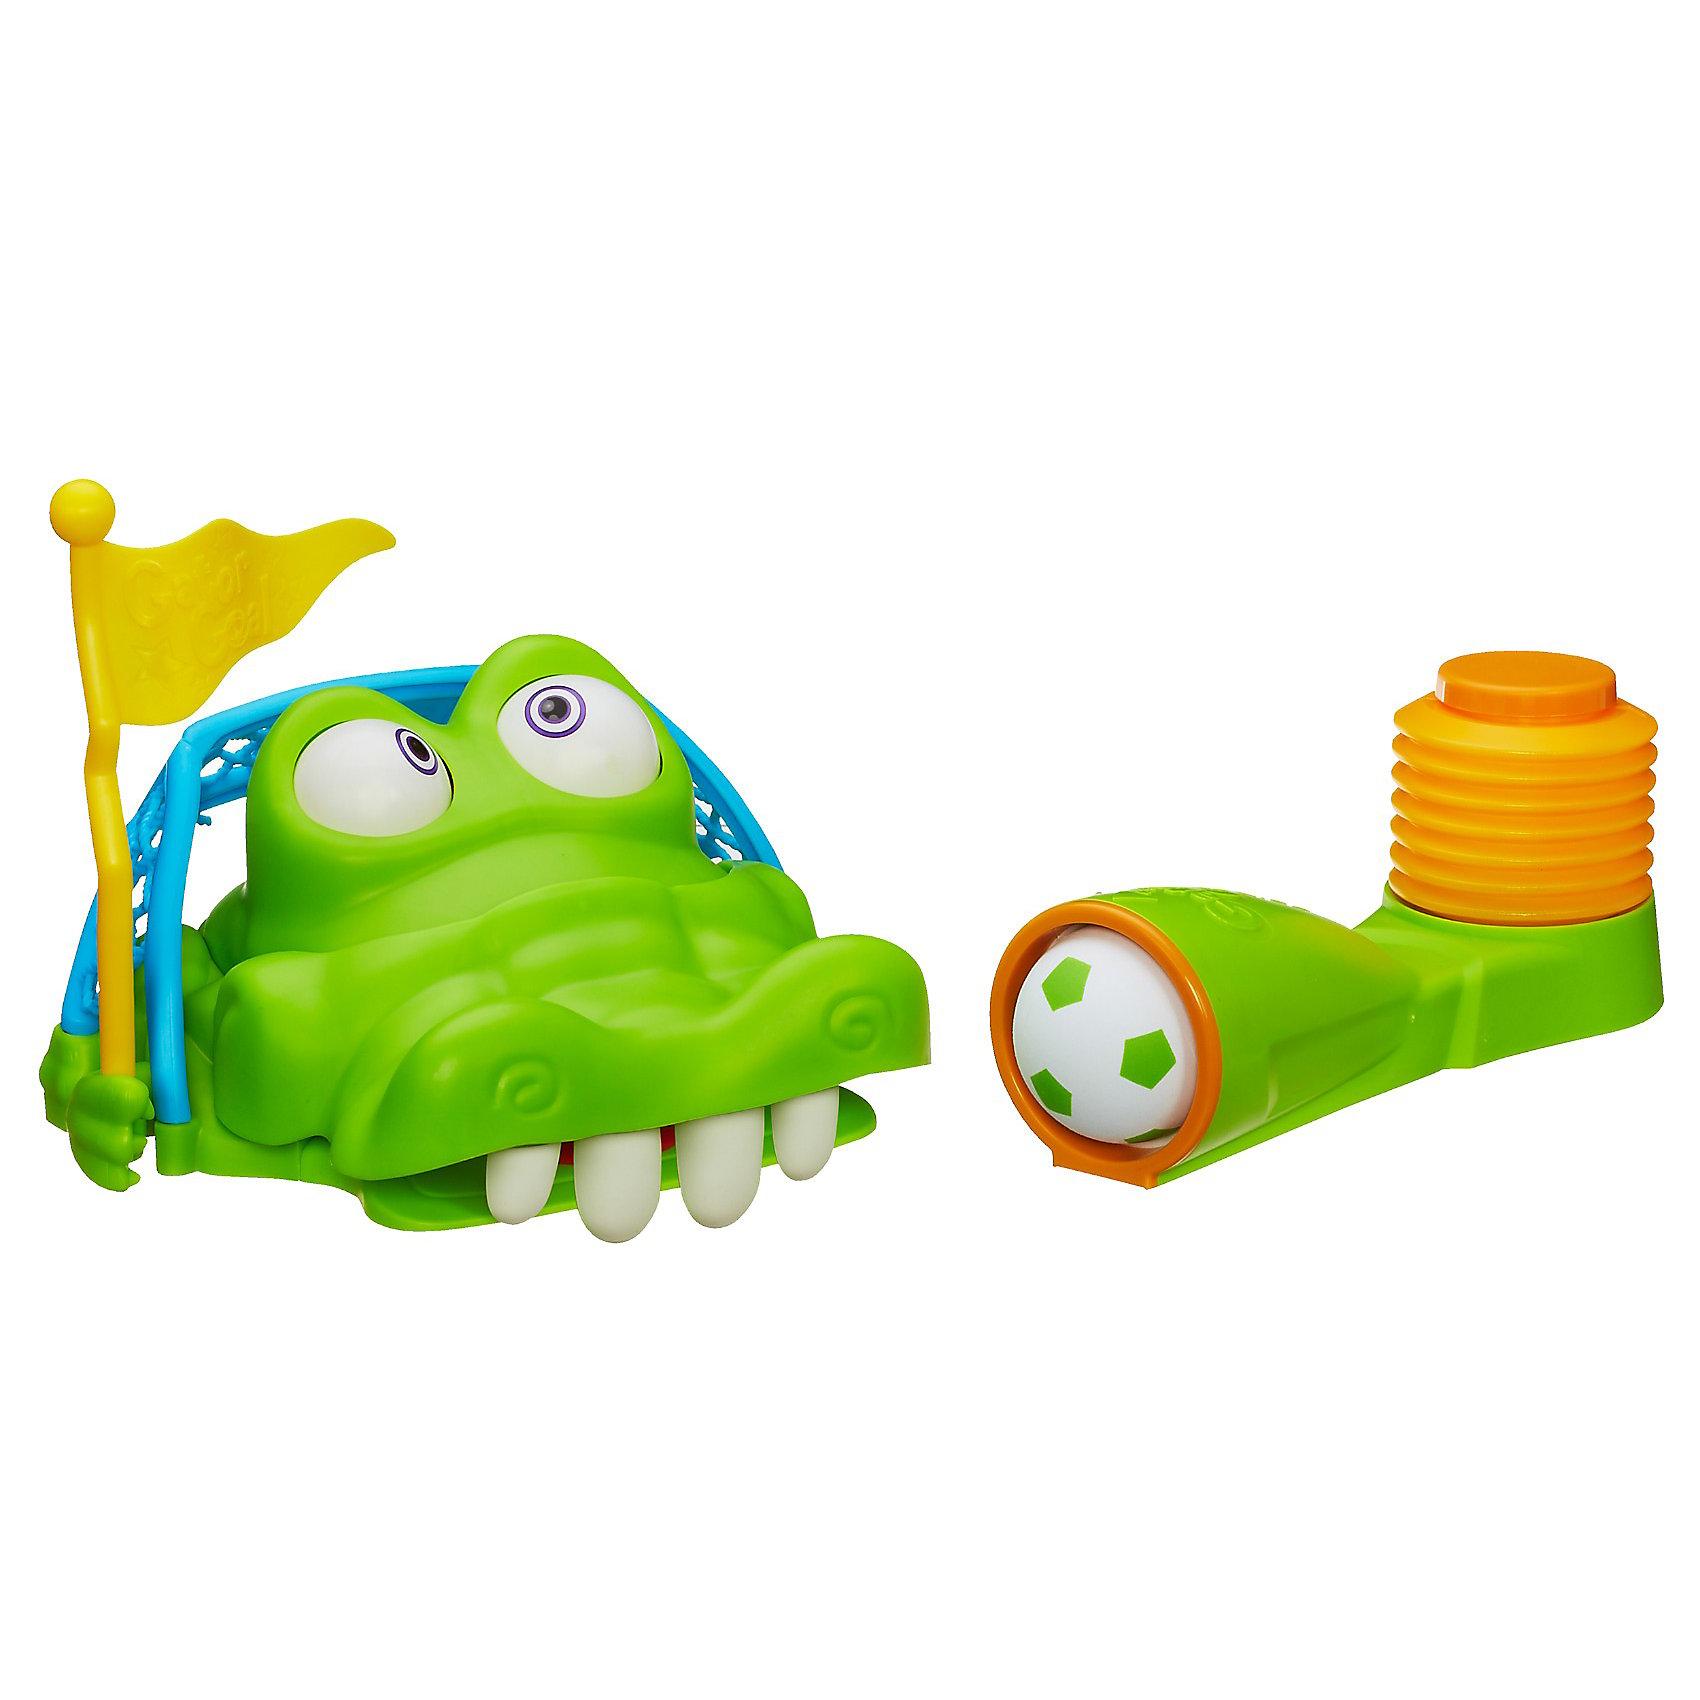 Игра Гол крокодильчика, HasbroИгра Гол Крокодильчика (КрокоГол) от  Hasbro - веселая игра для одного участника или компании. Тренирует ловкость и меткость! Стань настоящим футболистом с Крокогол! <br><br>Как играть: сначала устанавливаем крокодила, затем вставляем флажок в правую лапу Гаторифика и отводим флажок назад. Таким образом, открывается пасть крокодила с 4-мя зубами. Наступая на пусковое устройство, бьем по крокодилу - можно попасть, и 1 или 2 зуба сложатся (выбили зуб), но это еще не победа - полная победа будет при выбивании последнего (четвертого) зуба - тогда крокодил начнет вращать глазами и поднимет флаг. Затем флажок необходимо отвести назад, крокодил снова открывает пасть и т.д. Каждый глаз крокодила имеет 3 рисунка.<br><br>Дополнительная информация:<br><br>- В комплекте: пусковой механизм, флажок, футбольный мяч и ворота в форме крокодильчика.<br>- Размер упаковки: 27 х 13,5 х 27 см<br><br>Гол Крокодильчика, Hasbro можно купить в нашем интернет - магазине.<br><br>Ширина мм: 135<br>Глубина мм: 267<br>Высота мм: 267<br>Вес г: 1225<br>Возраст от месяцев: 36<br>Возраст до месяцев: 144<br>Пол: Унисекс<br>Возраст: Детский<br>SKU: 3320081